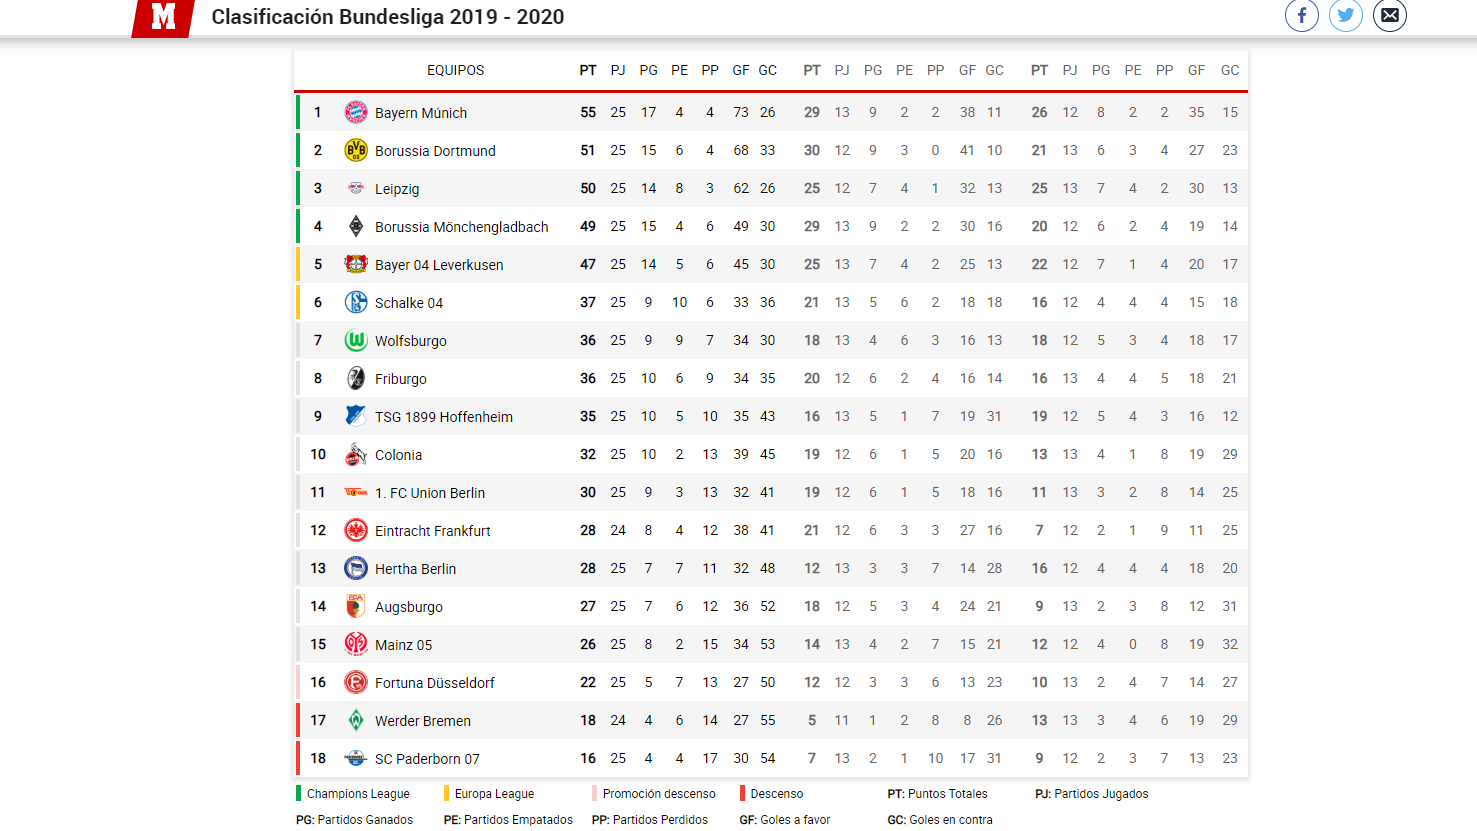 Clasificación Bundesliga 2019/2020. Foto: marca.com.